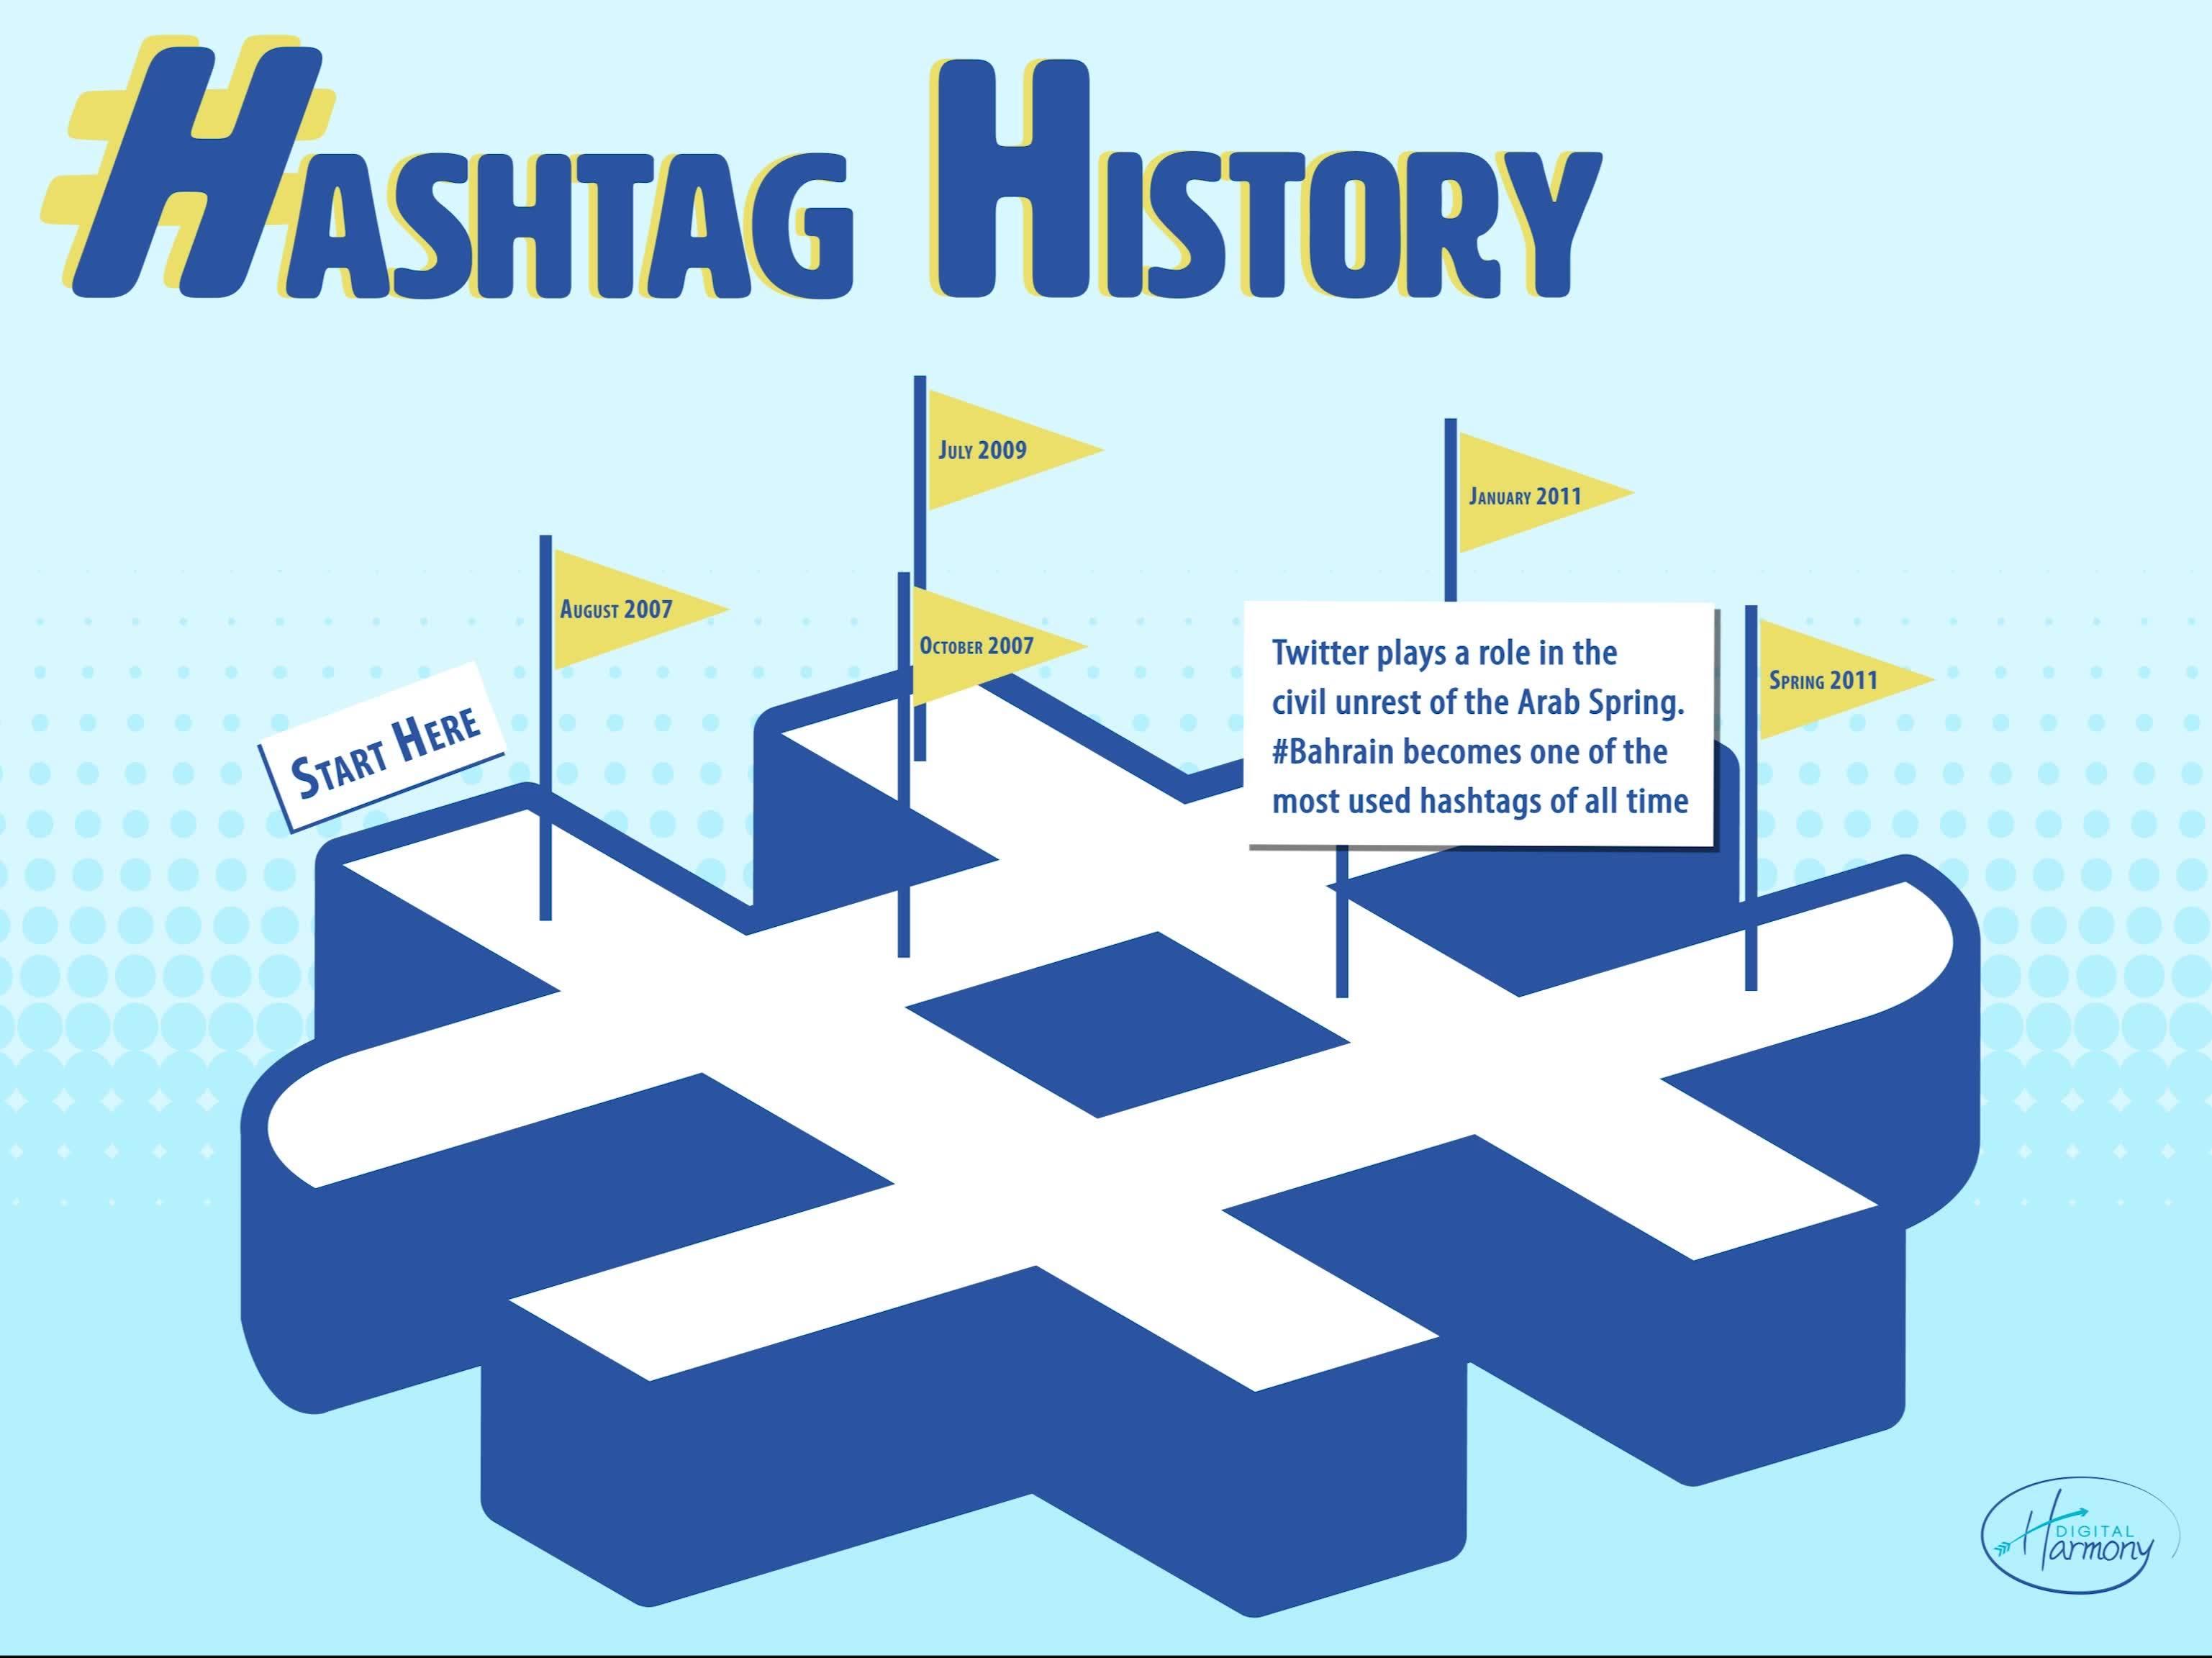 Hashtag History